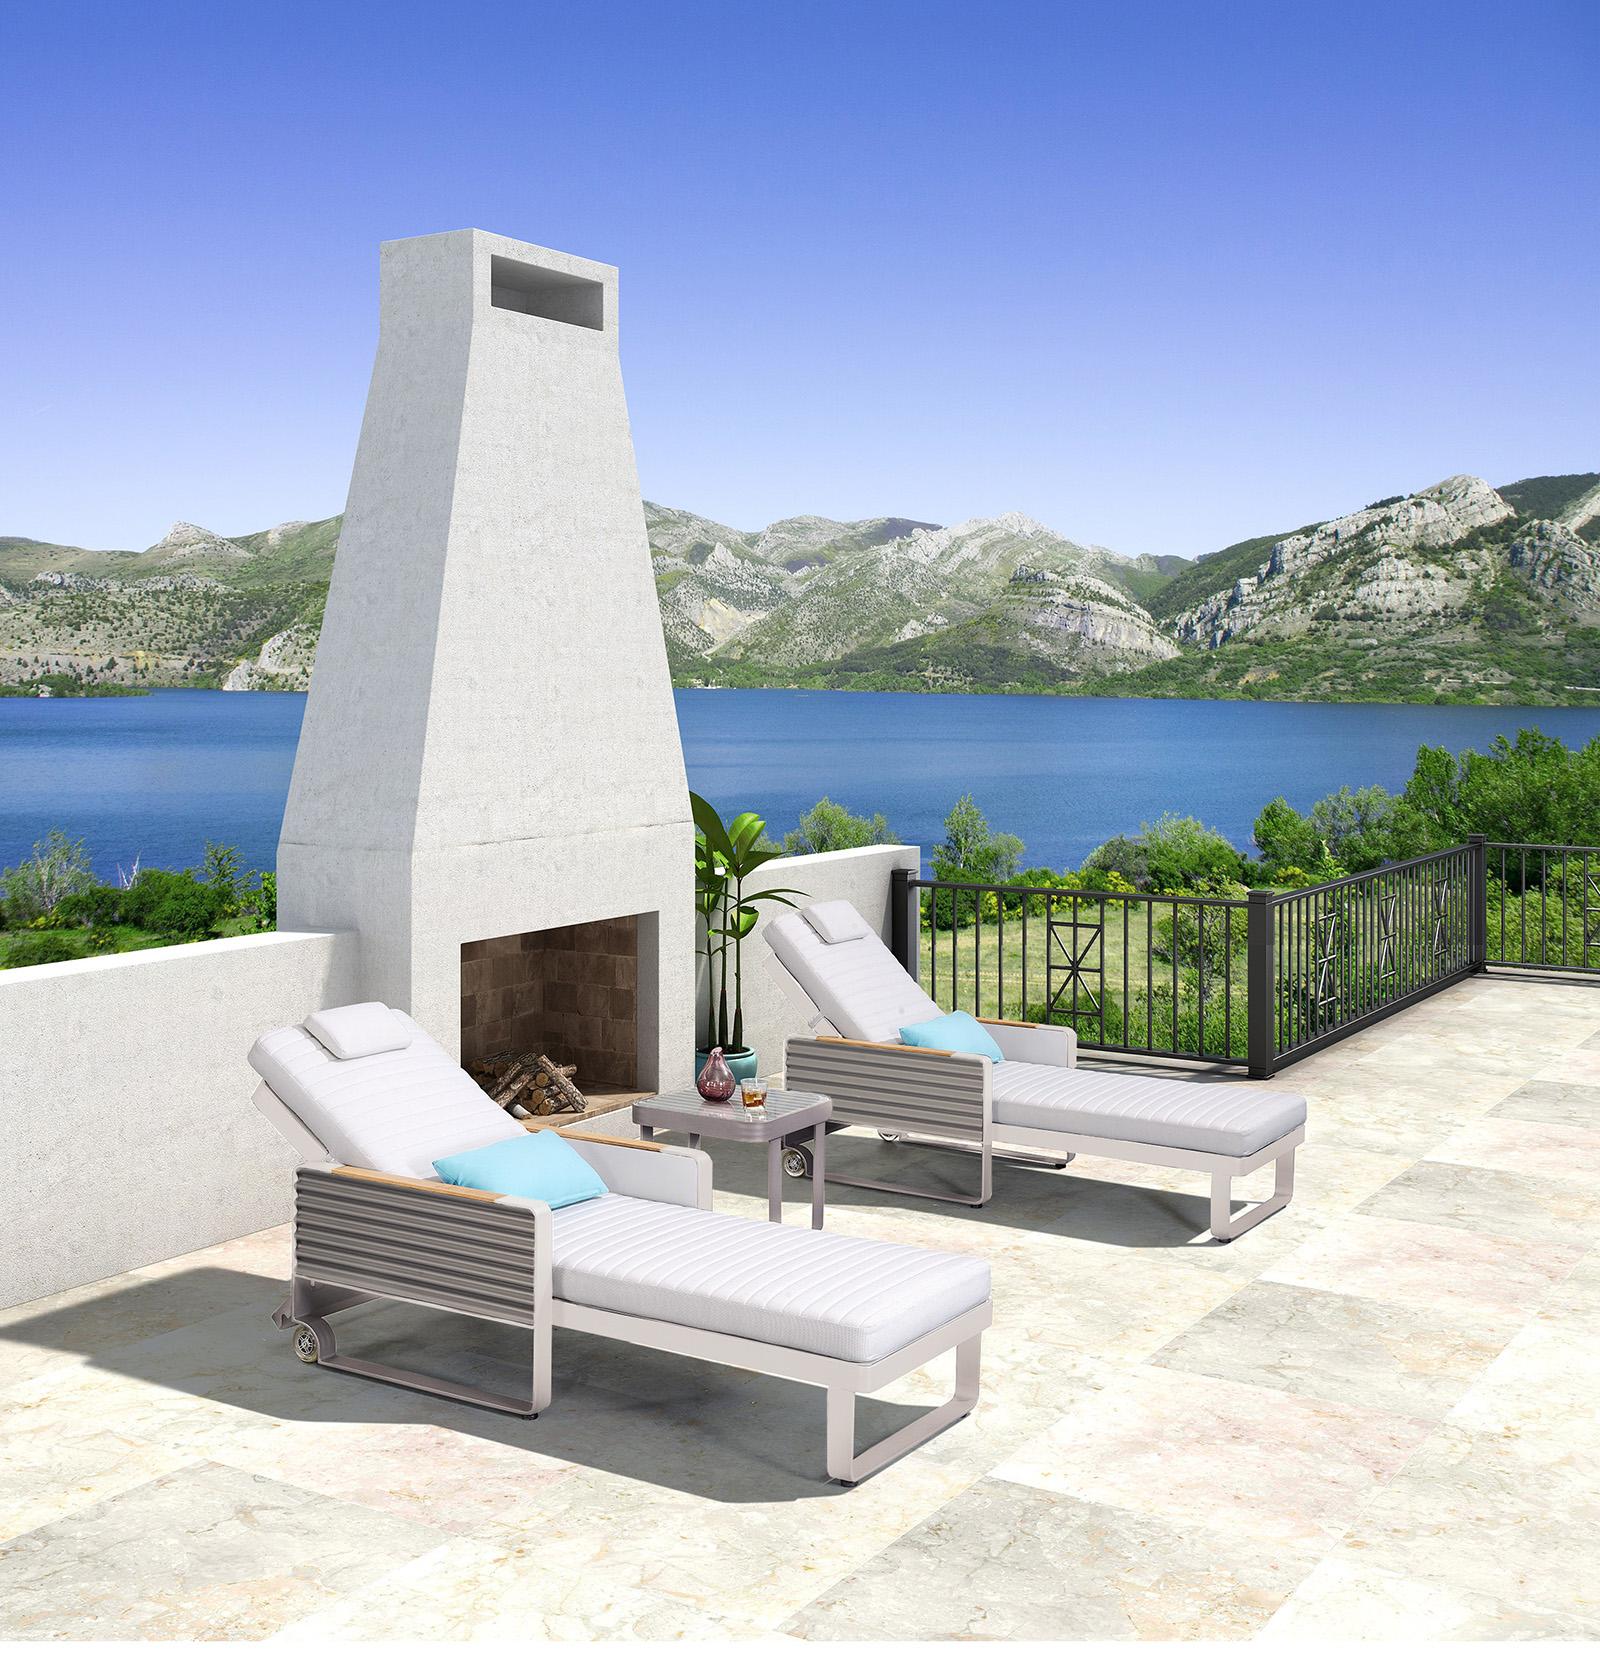 Gartenliegen Sonnenliegen Set AIRPORT Alu/Textil - 2er Set Loungeliegen - Beistelltisch optional